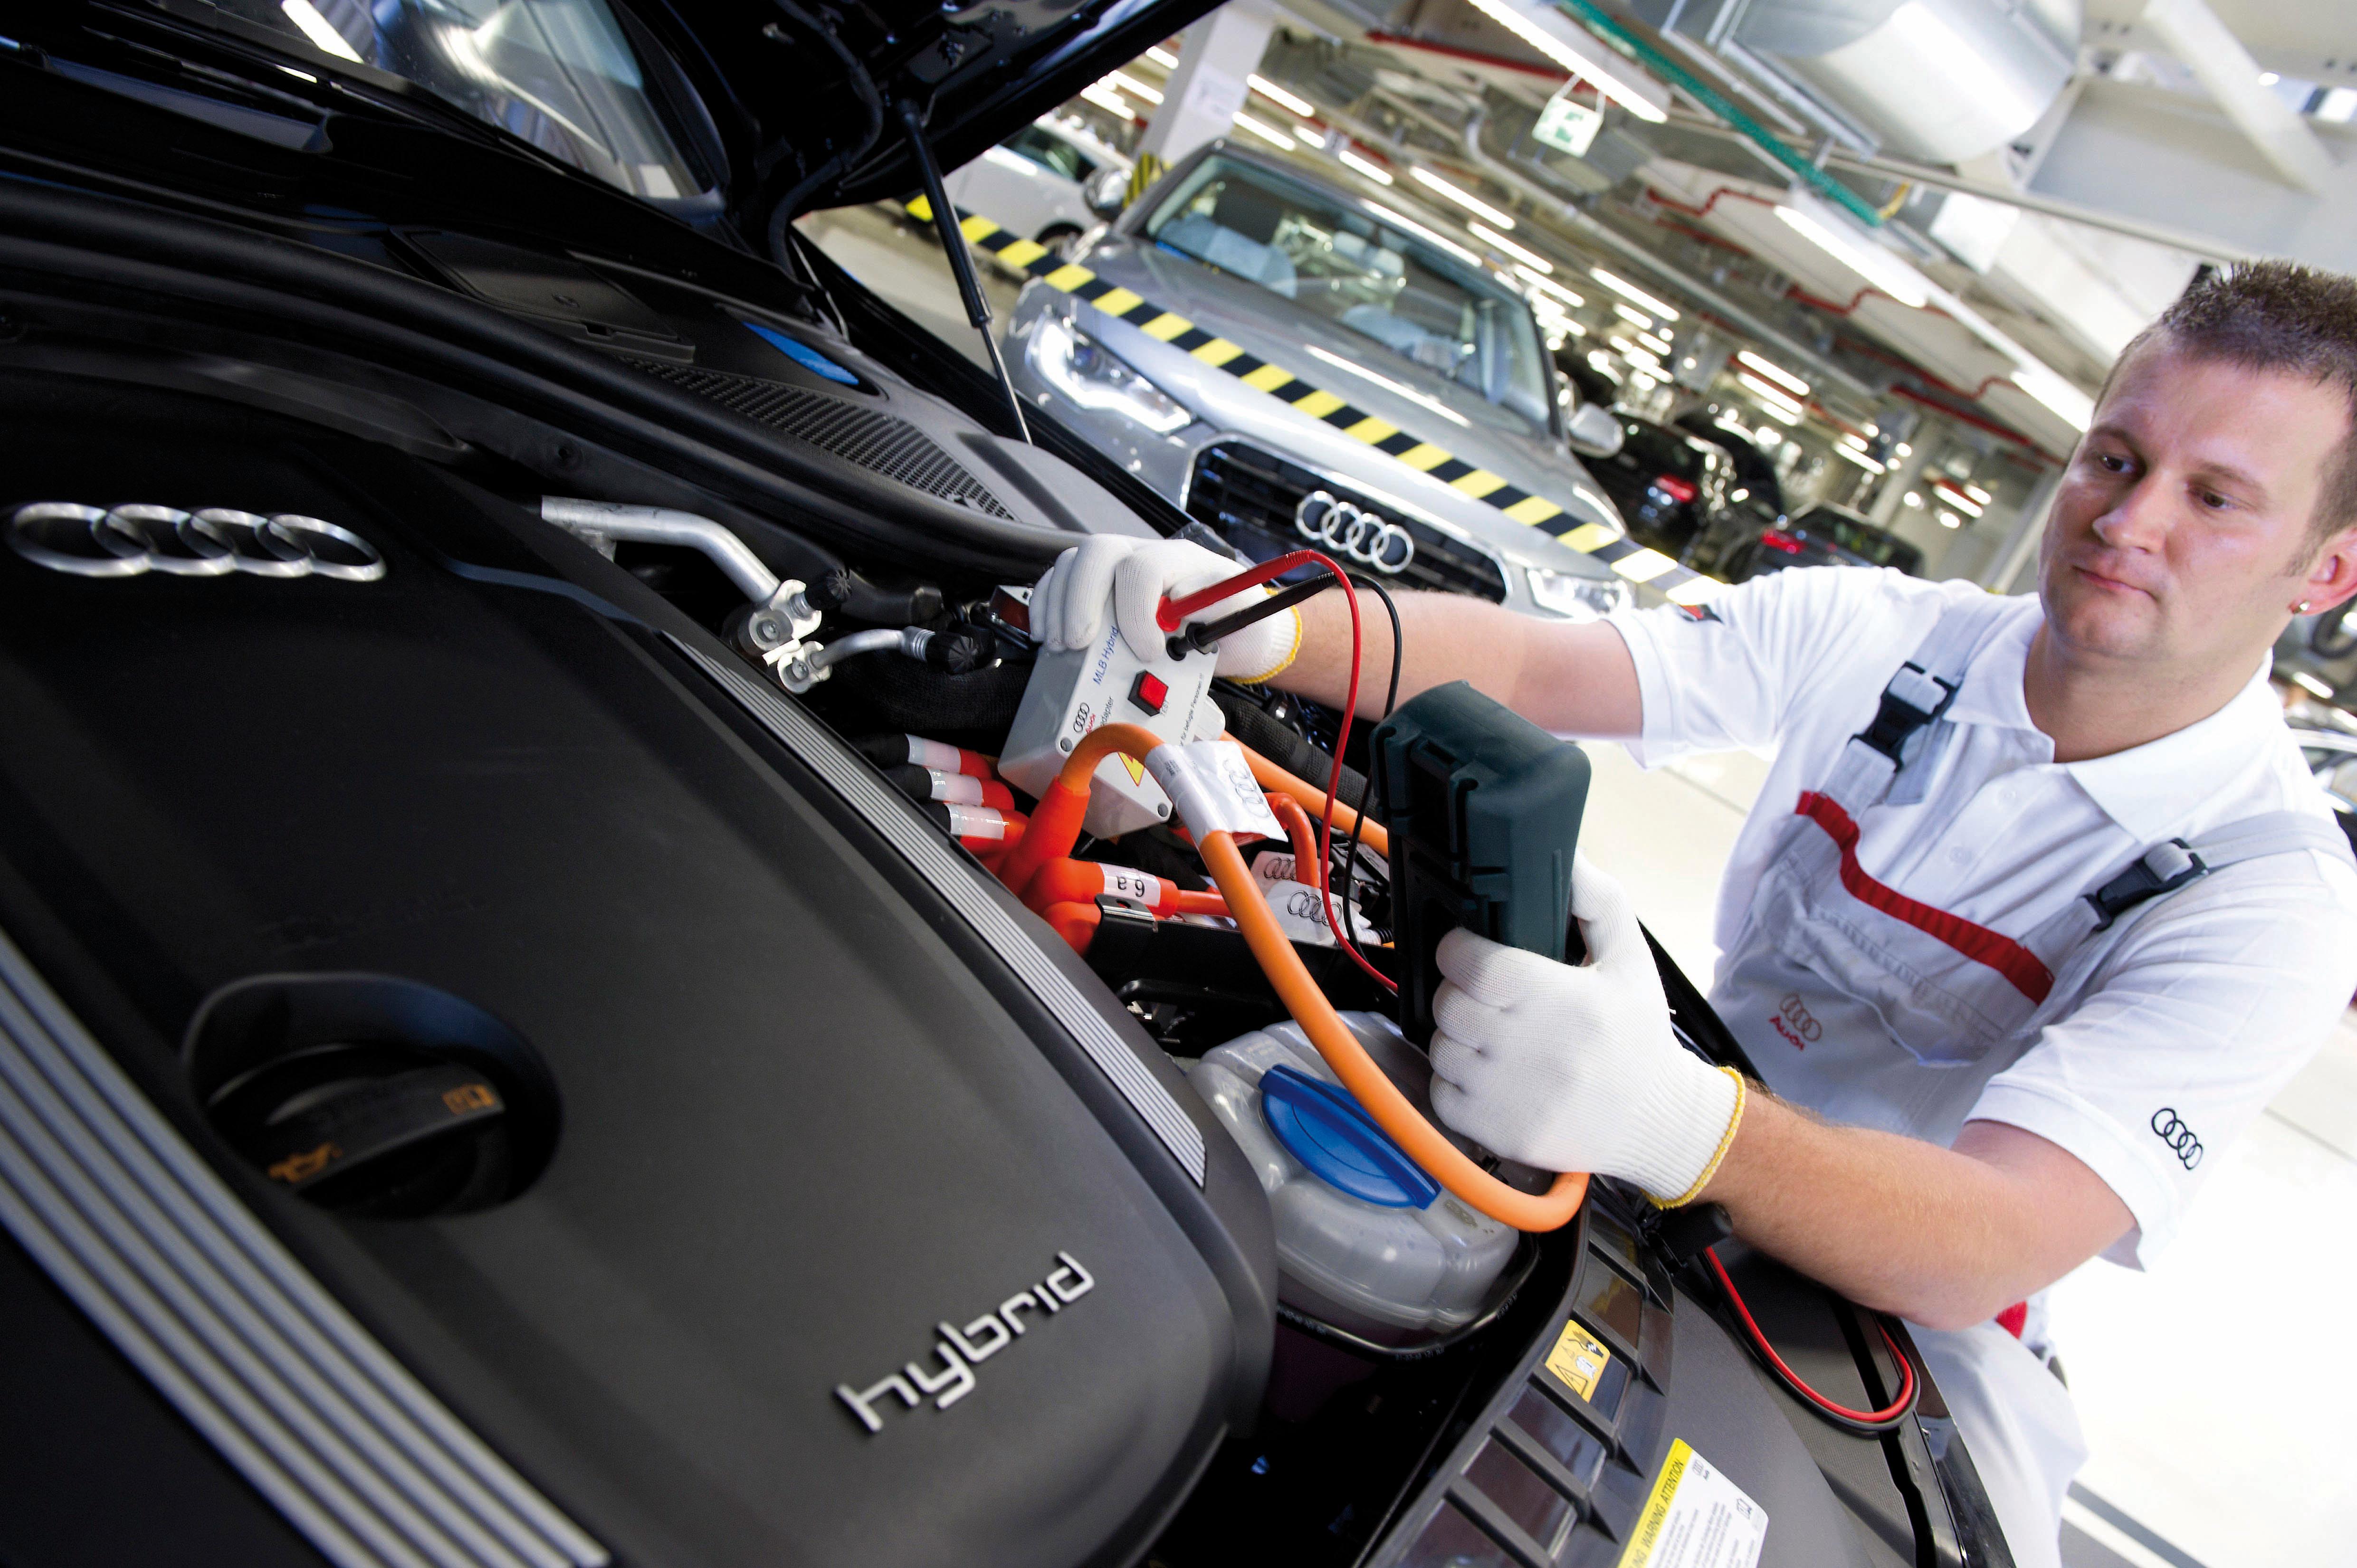 Audi investiert kraeftig in seine Zukunft und beabsichtigt, 2012 wie in diesem Jahr in Deutschland etwa 1.200 Fachkraefte einzustellen. Von 2012 bis 2016 plant der Audi-Konzern Investitionen von   13 Mrd. vor allem in neue Produkte und Technologien sowie